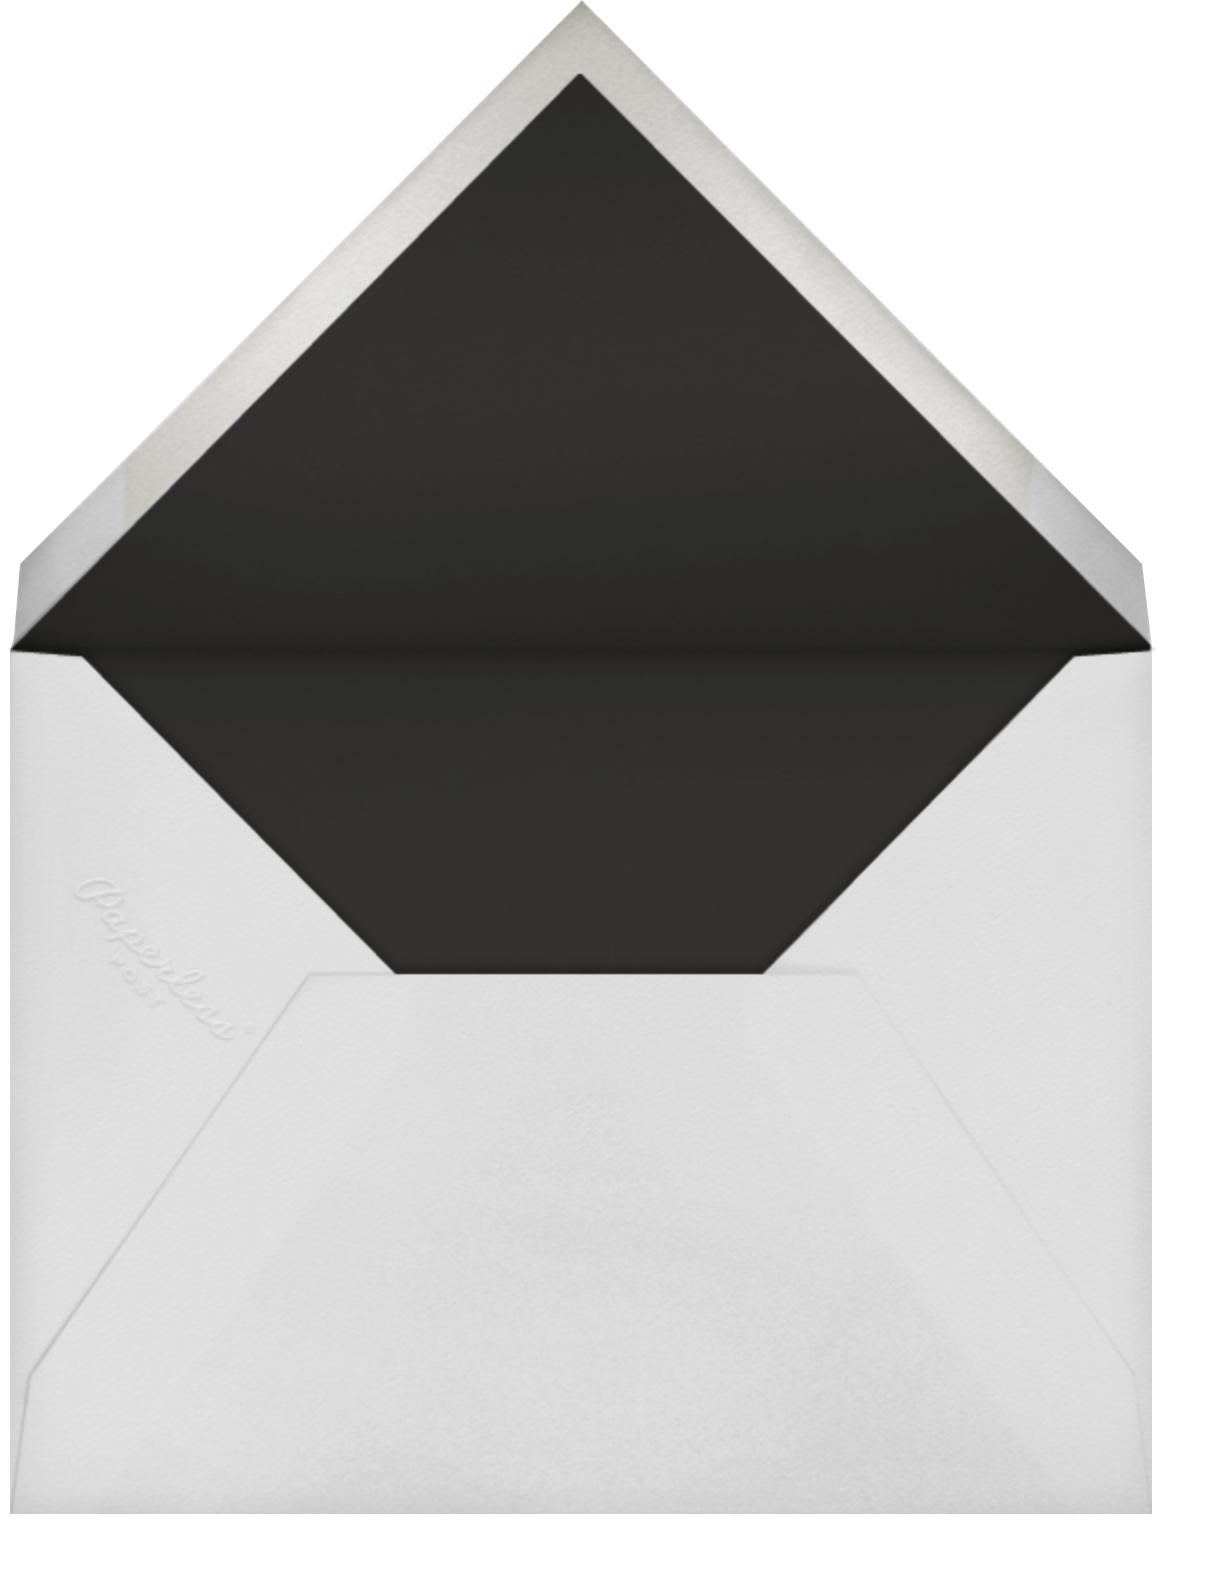 Josephine Baker - White/Gold - Paperless Post - Graduation - envelope back